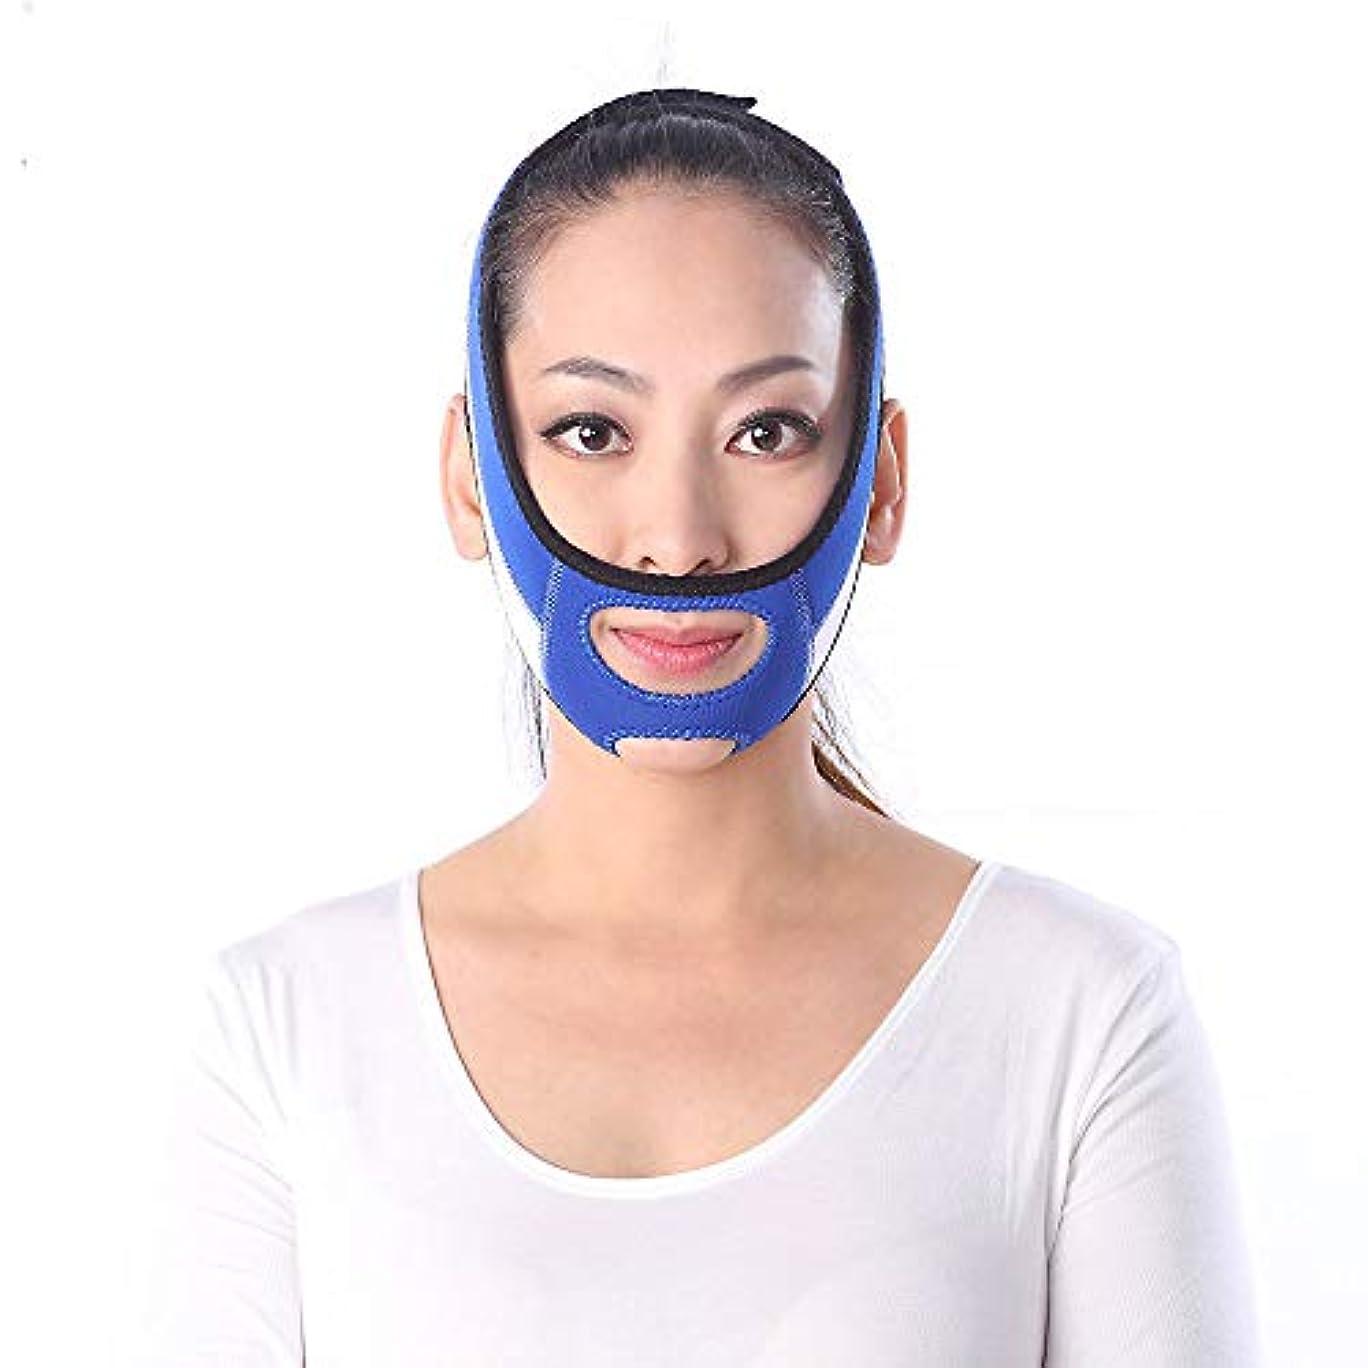 冗談でジョージエリオットご飯フェイスリフティング包帯、リフティングダブルあご顔補正ツール/フェイスマスク/スモールVフェイスアーチファクト(青)